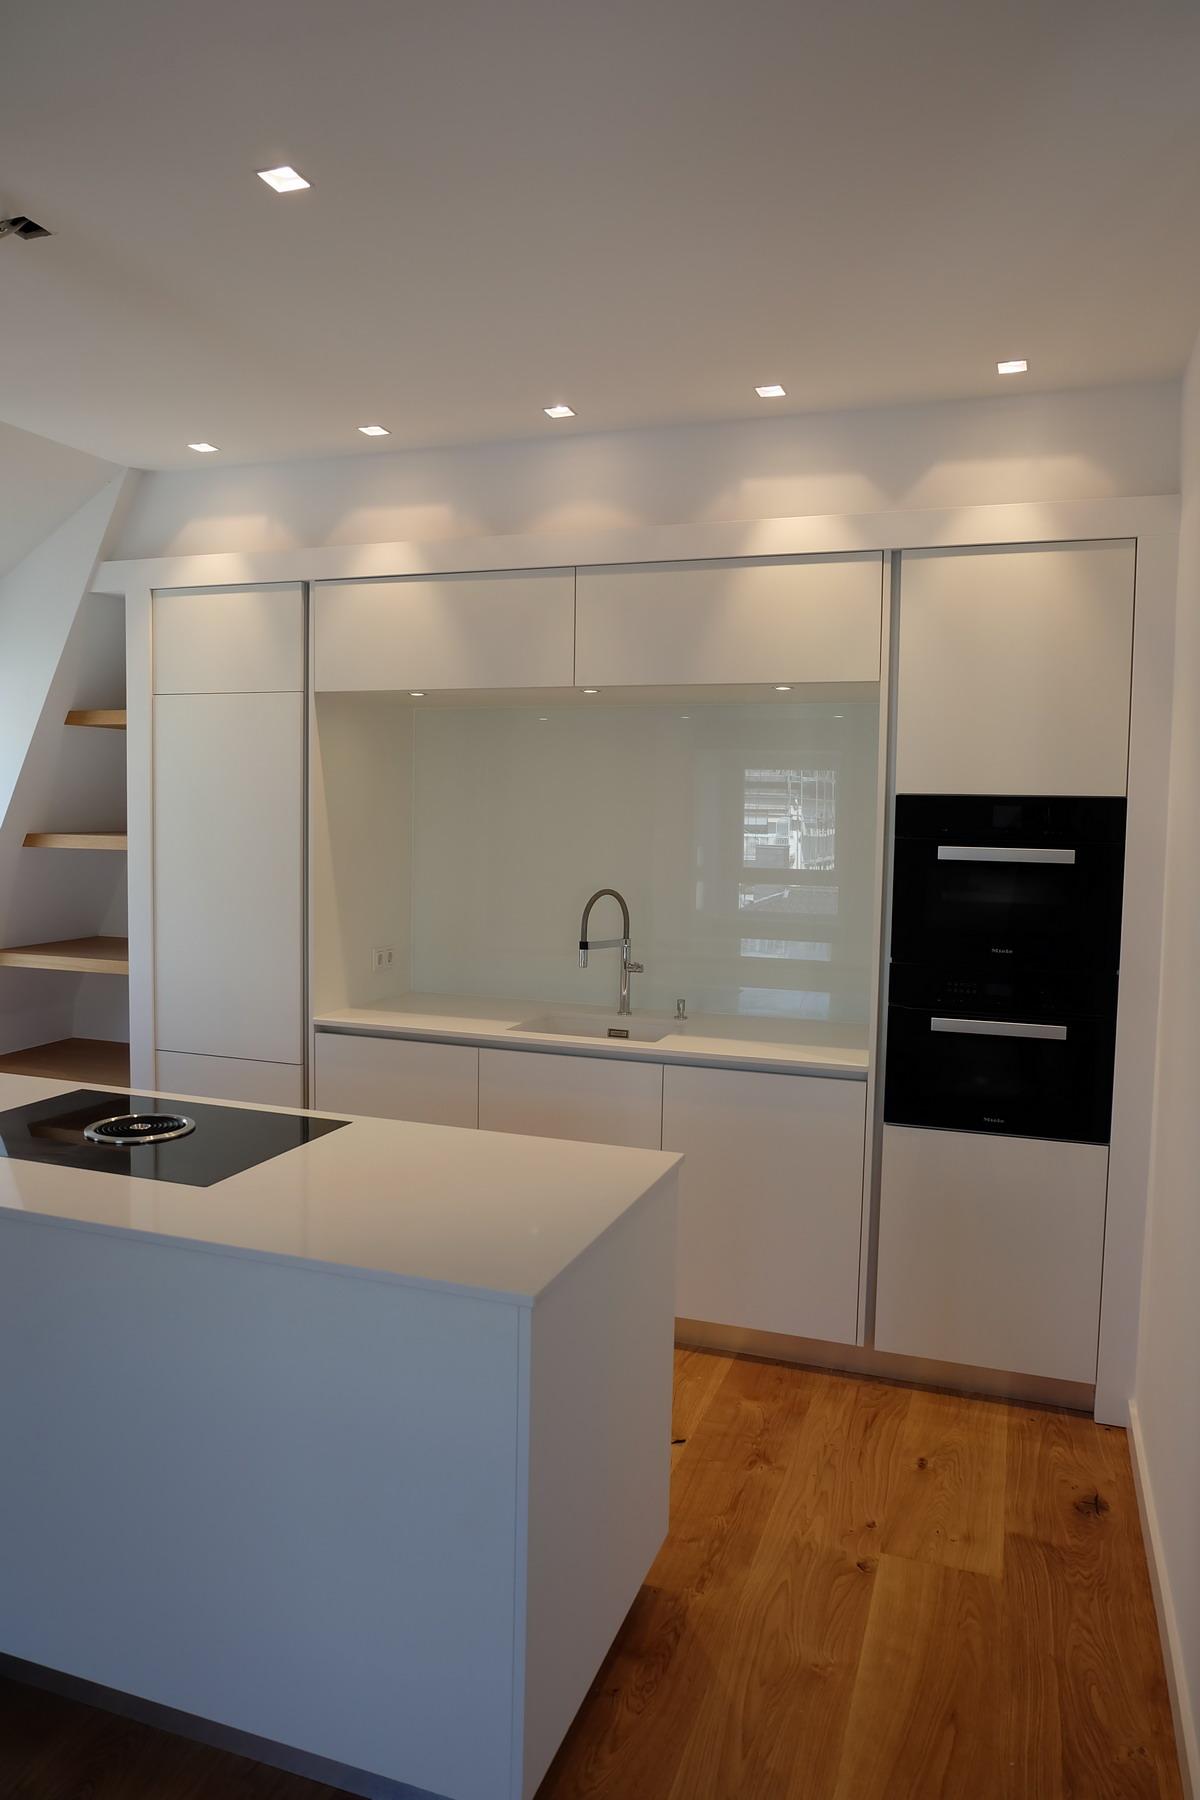 Küche, Boden, Schrank Eiche & Lack 5